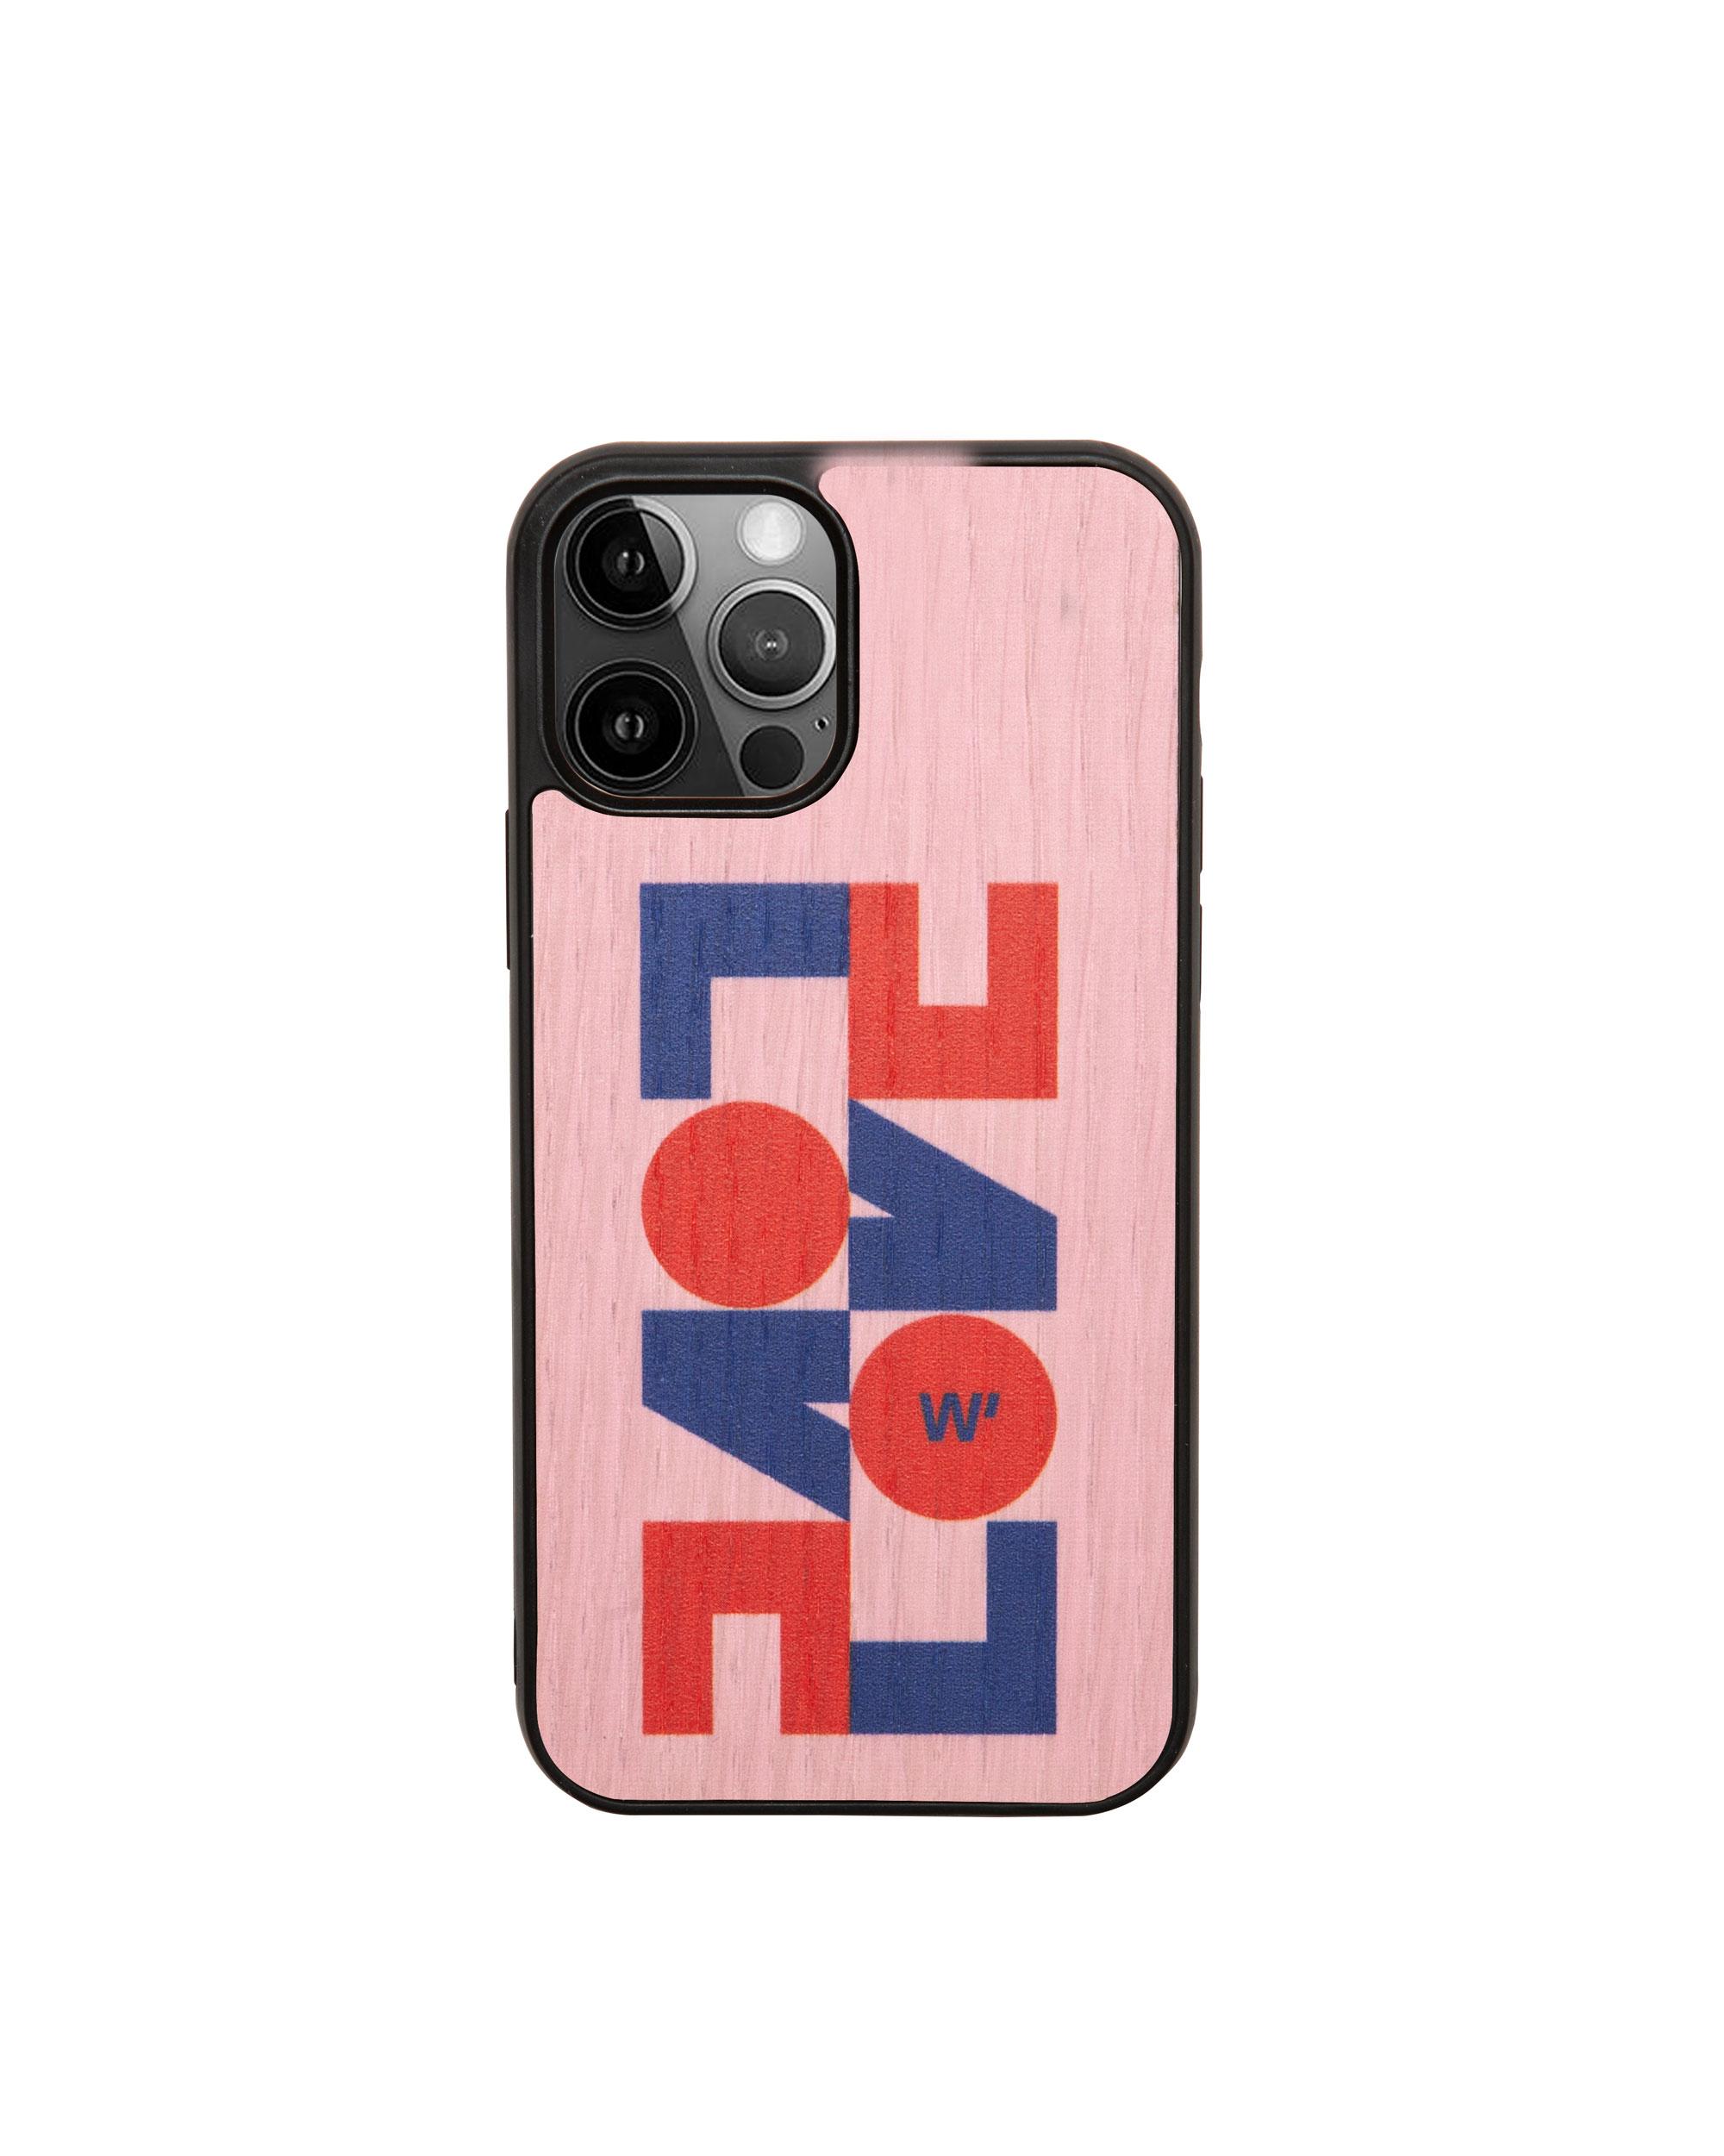 LOVE - Coque en bois pour iPhone 12/12 pro